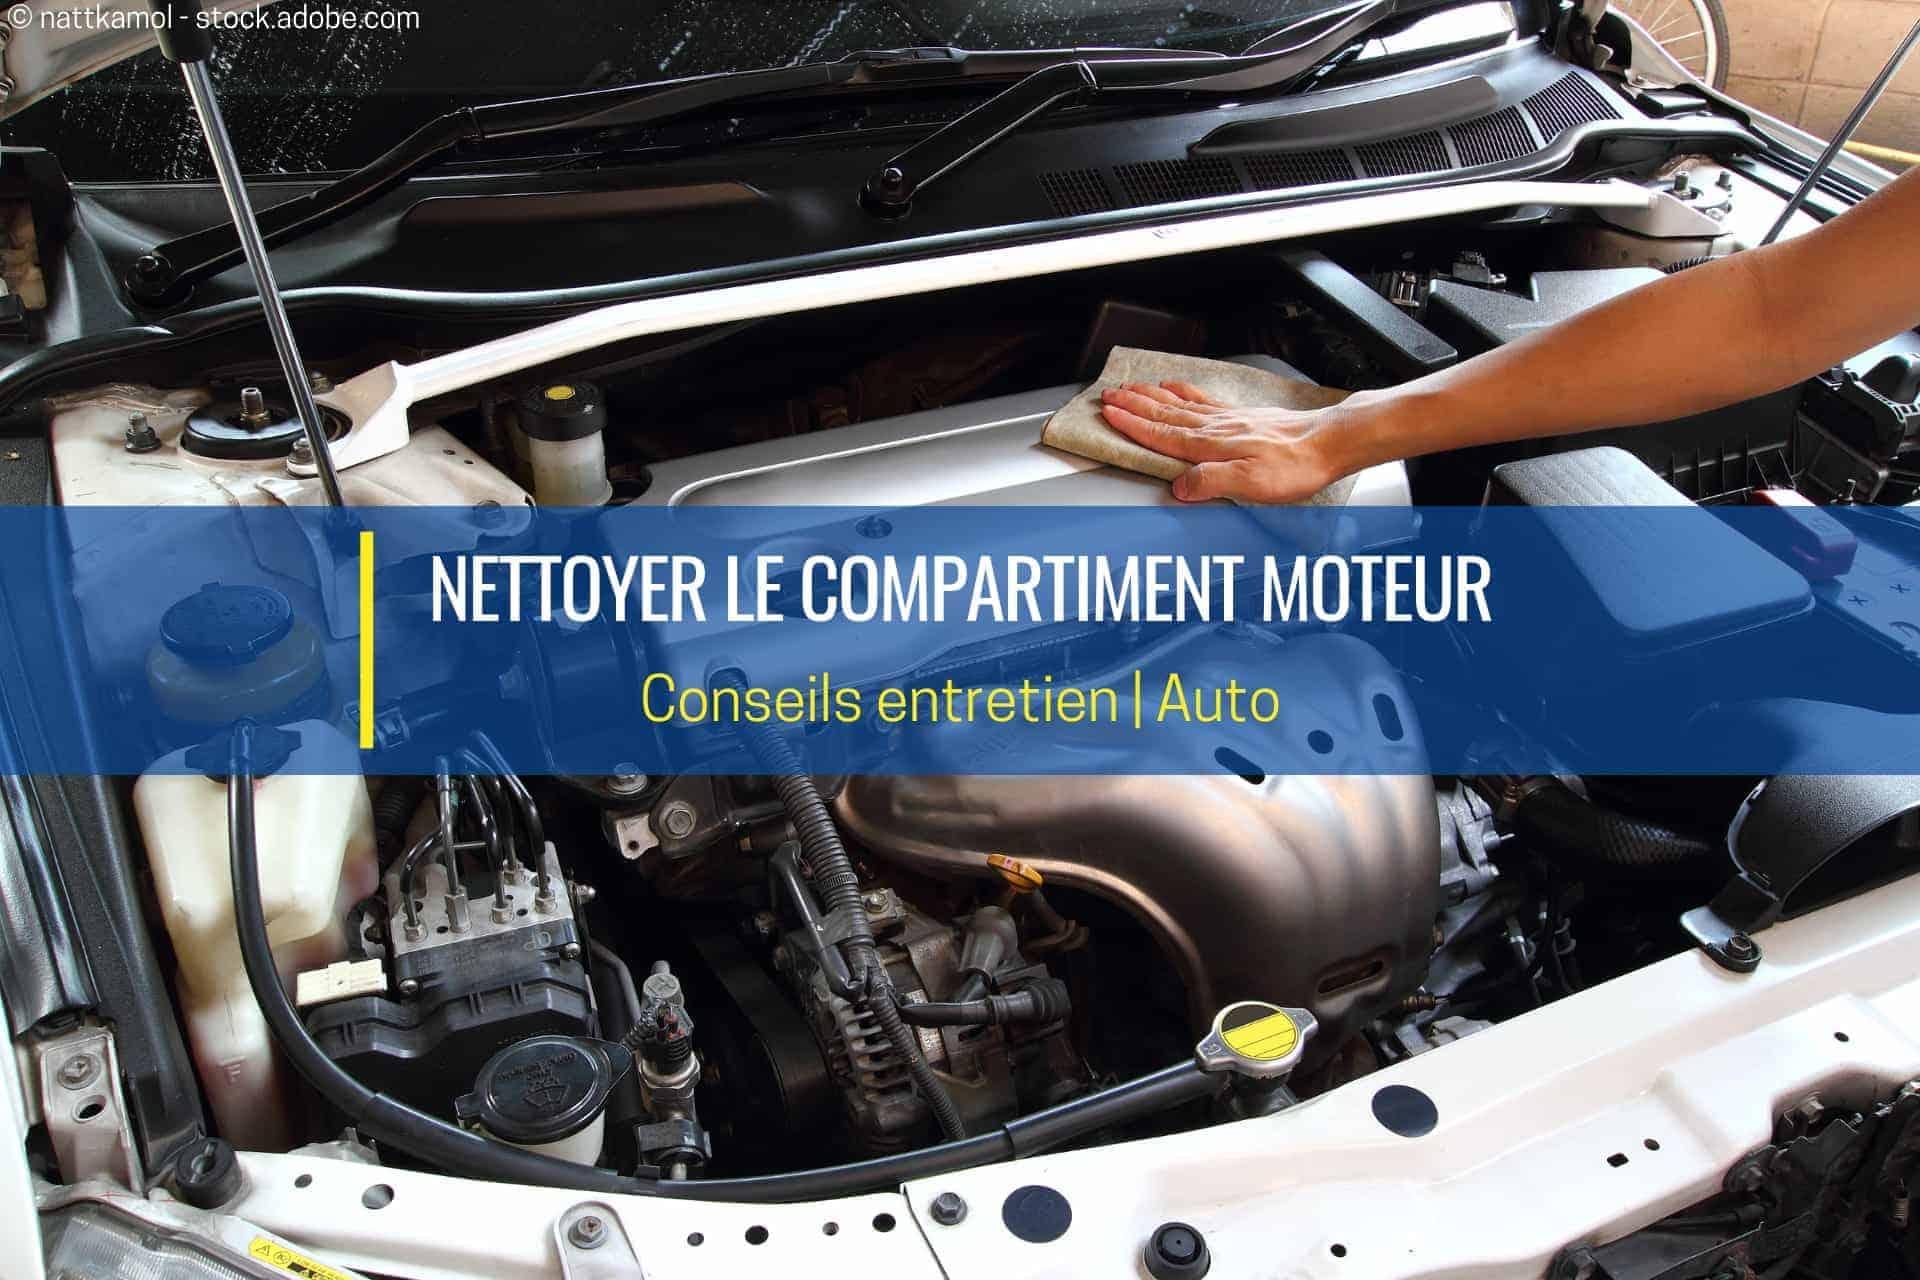 nettoyer le compartiment moteur